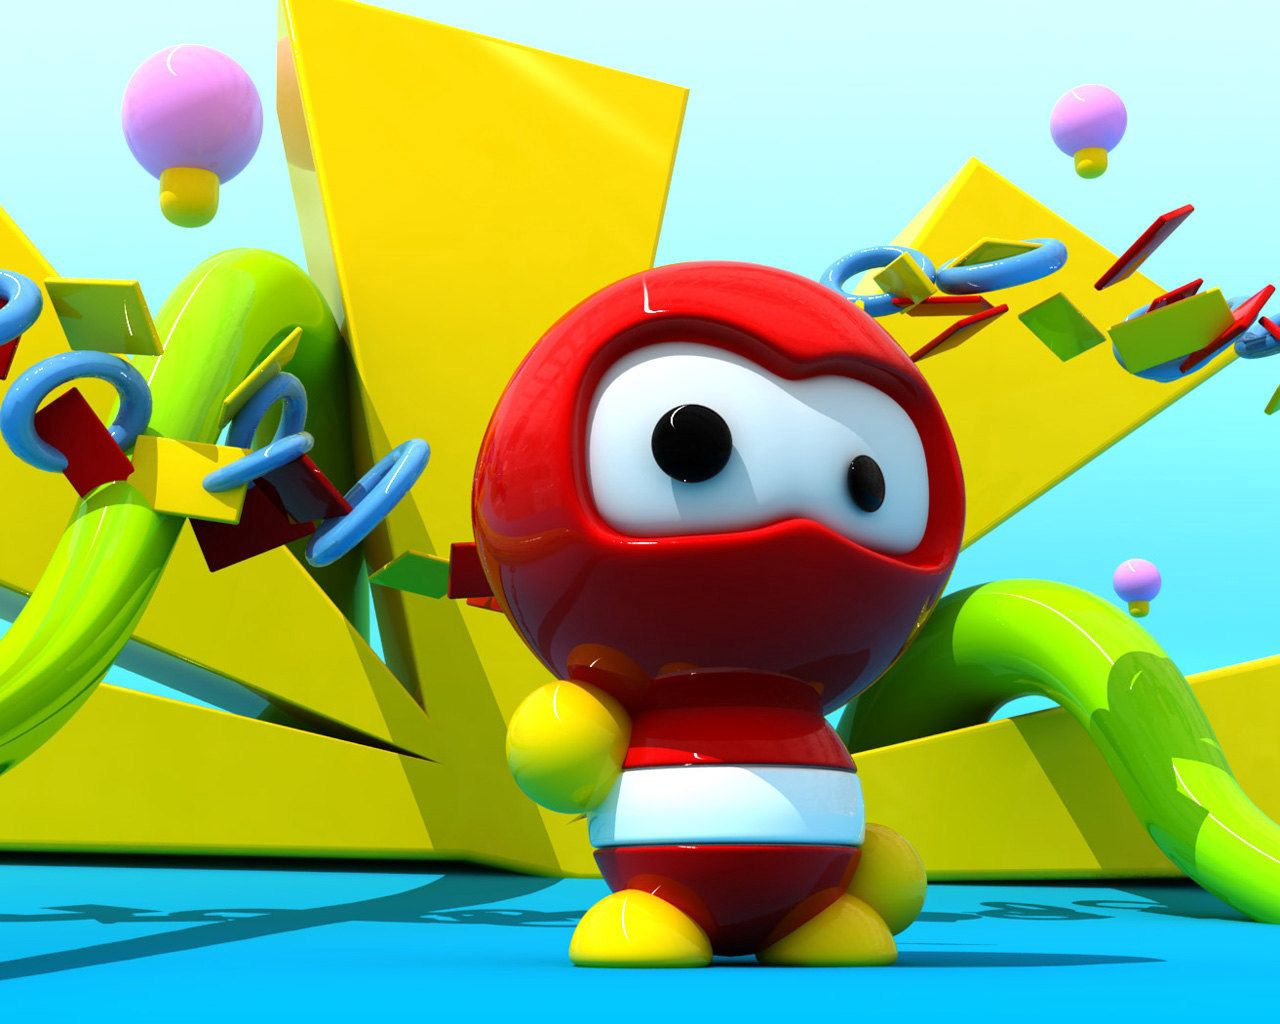 手機的86542屏保和壁紙游戏。 免費下載 3D, 游戏, 机器人, 明亮的, 明亮, 红色的 圖片